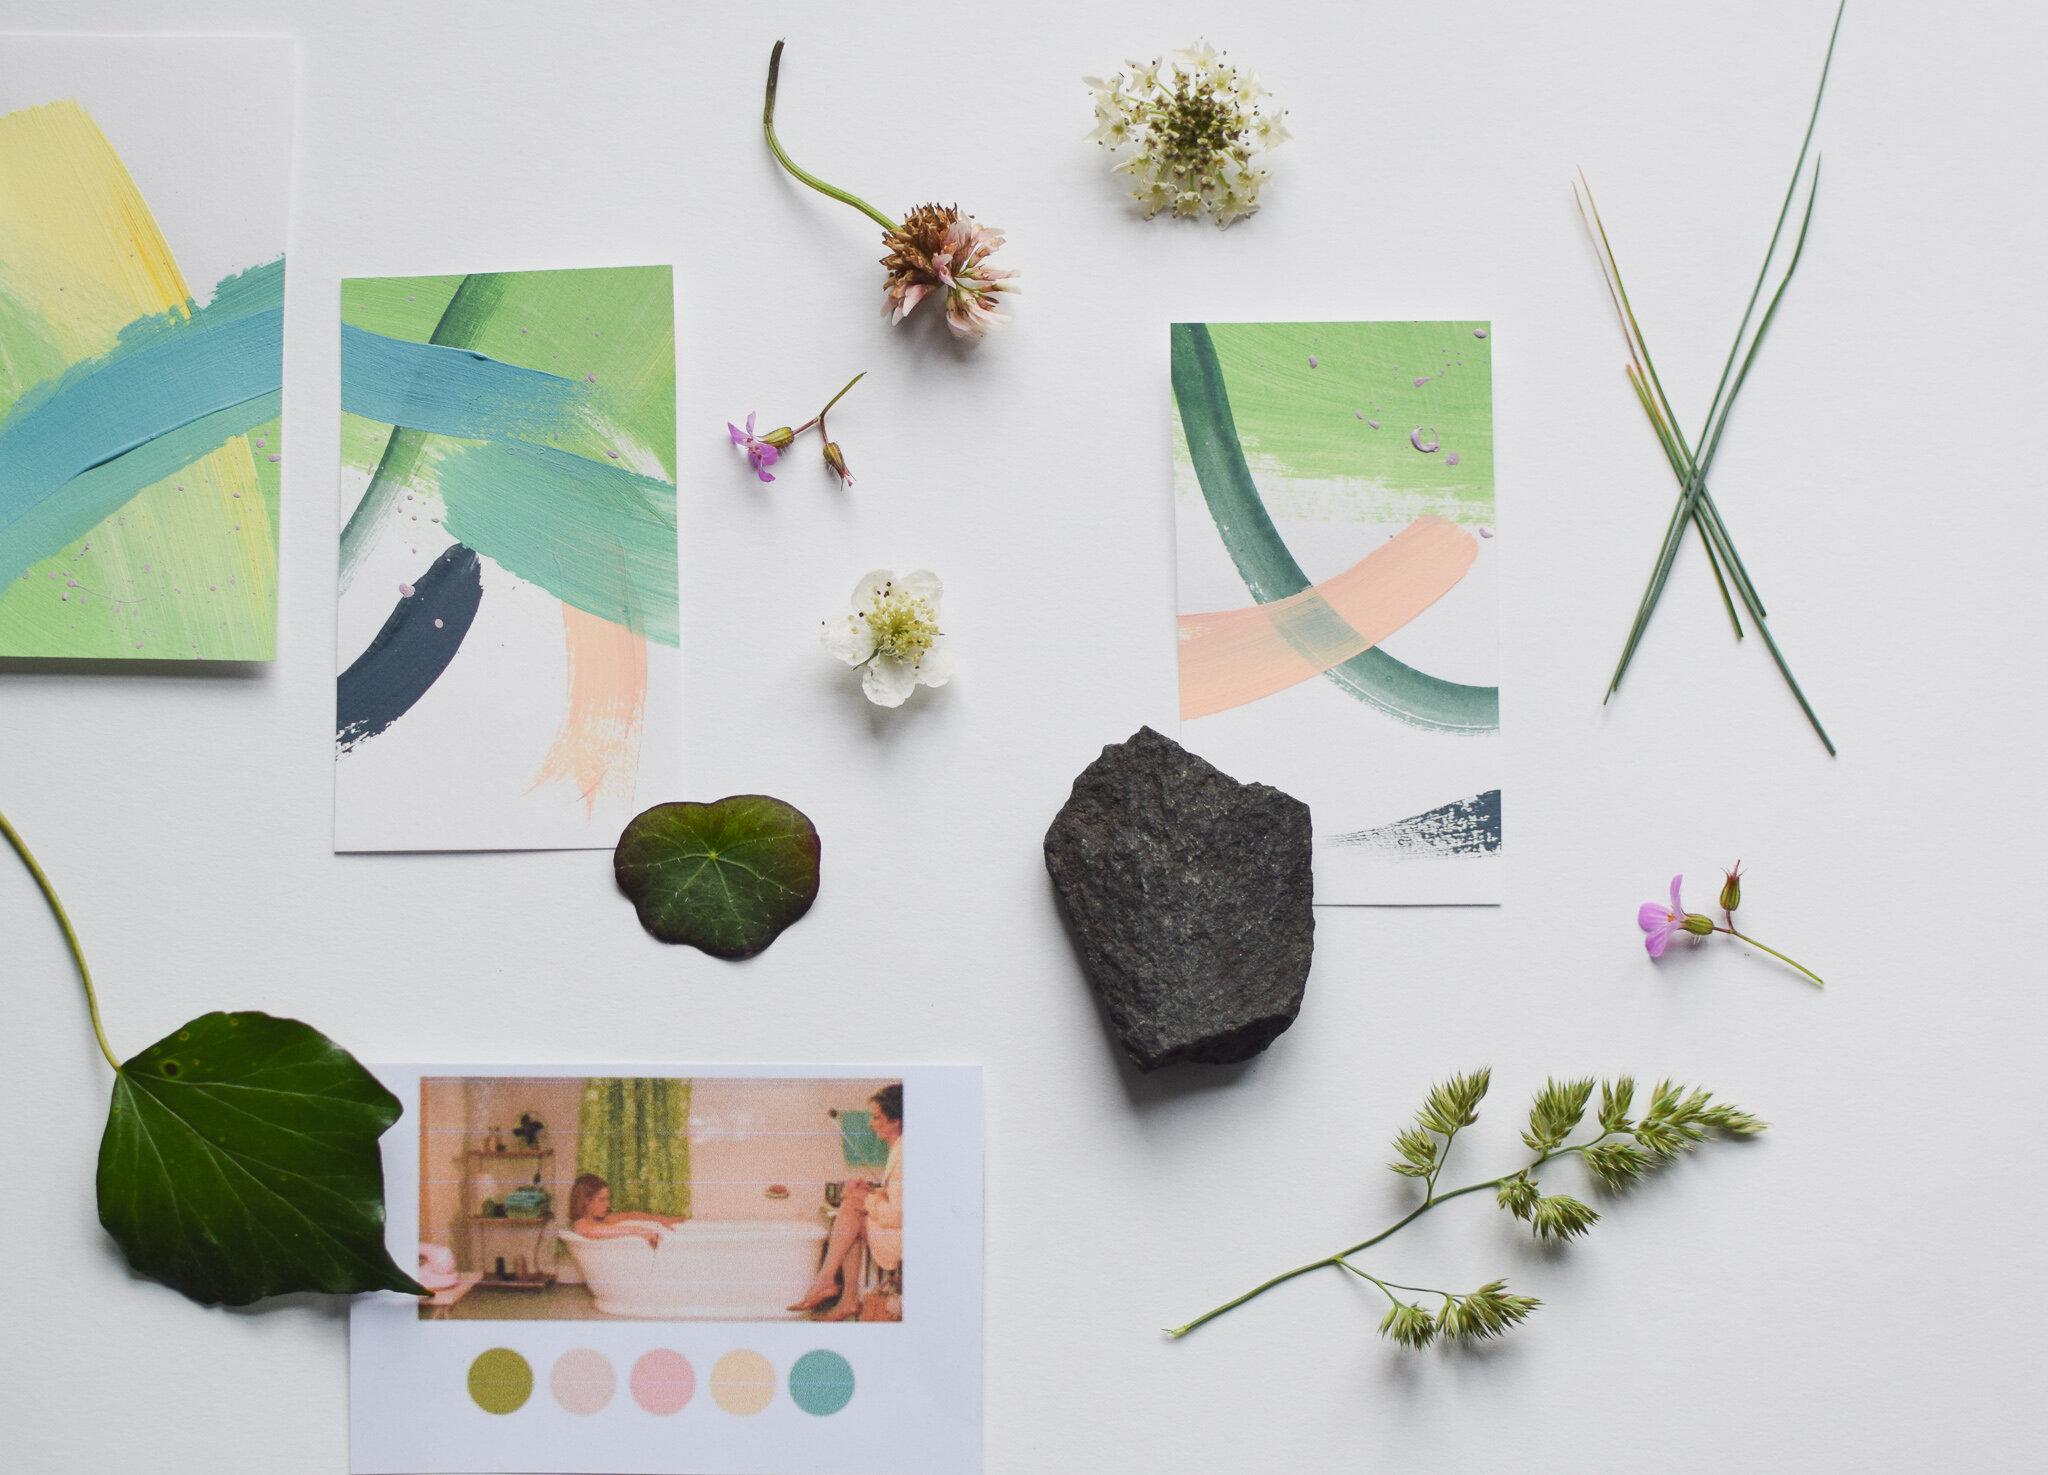 Next Project - Branding for a yoga teacher